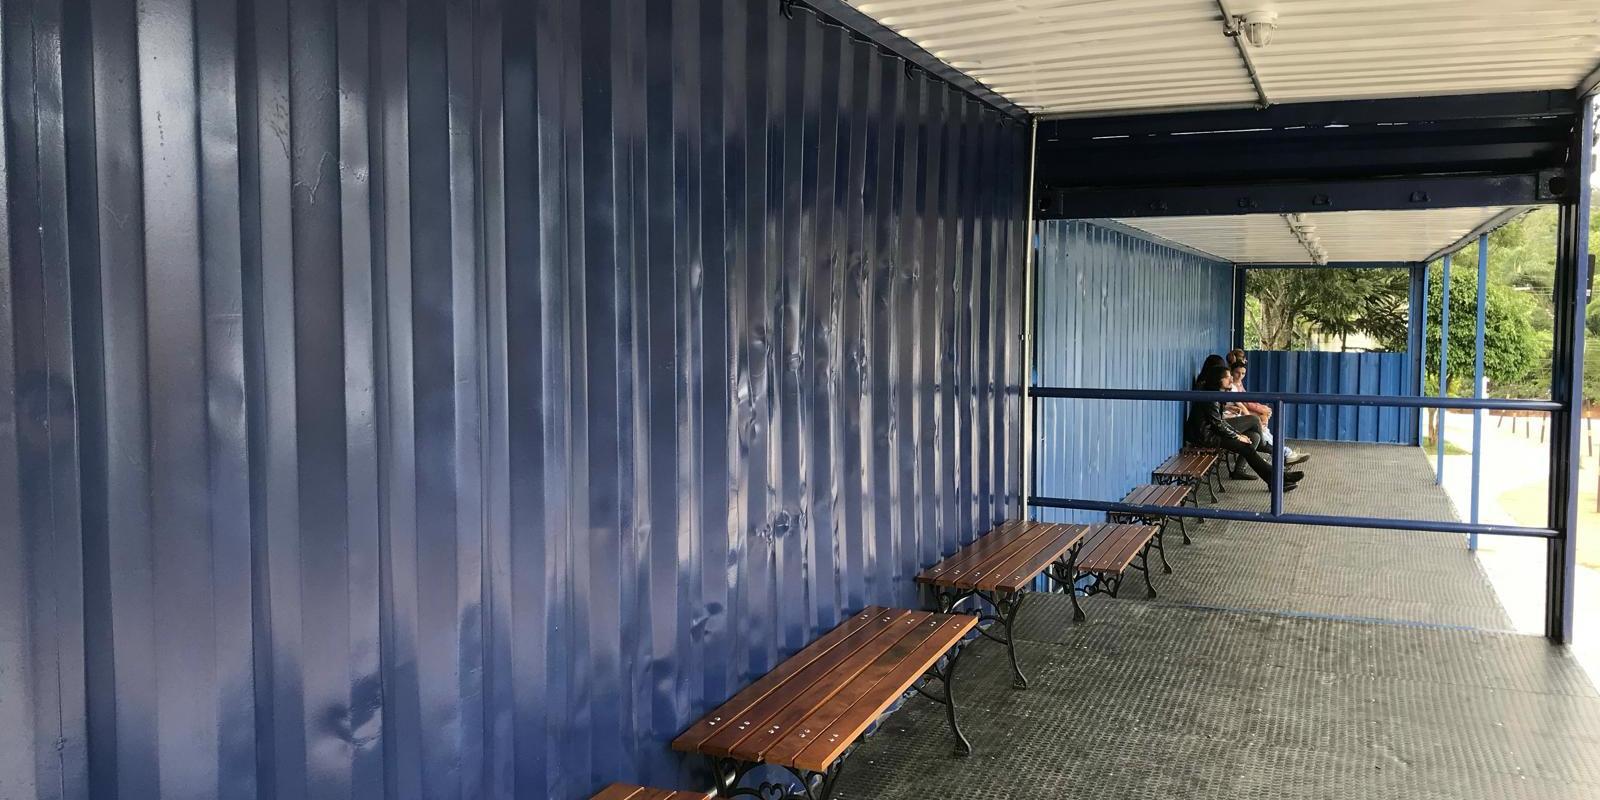 UNIFAAT inova conceito de ponto de ônibus com containers